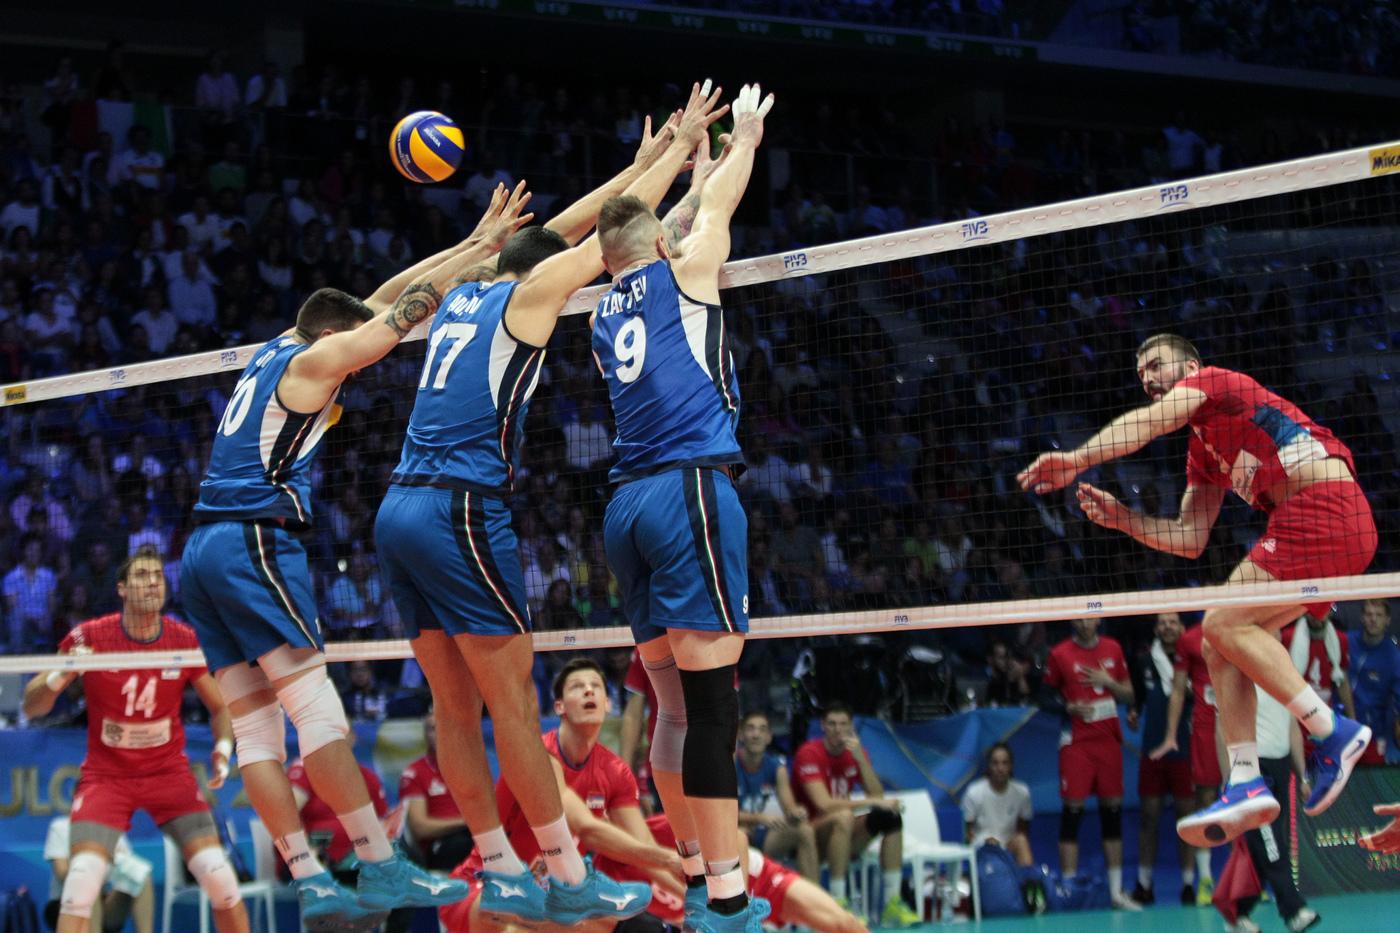 Pallavolo: Mondiali, Italia choc, il riscatto contro la Polonia a 1,35